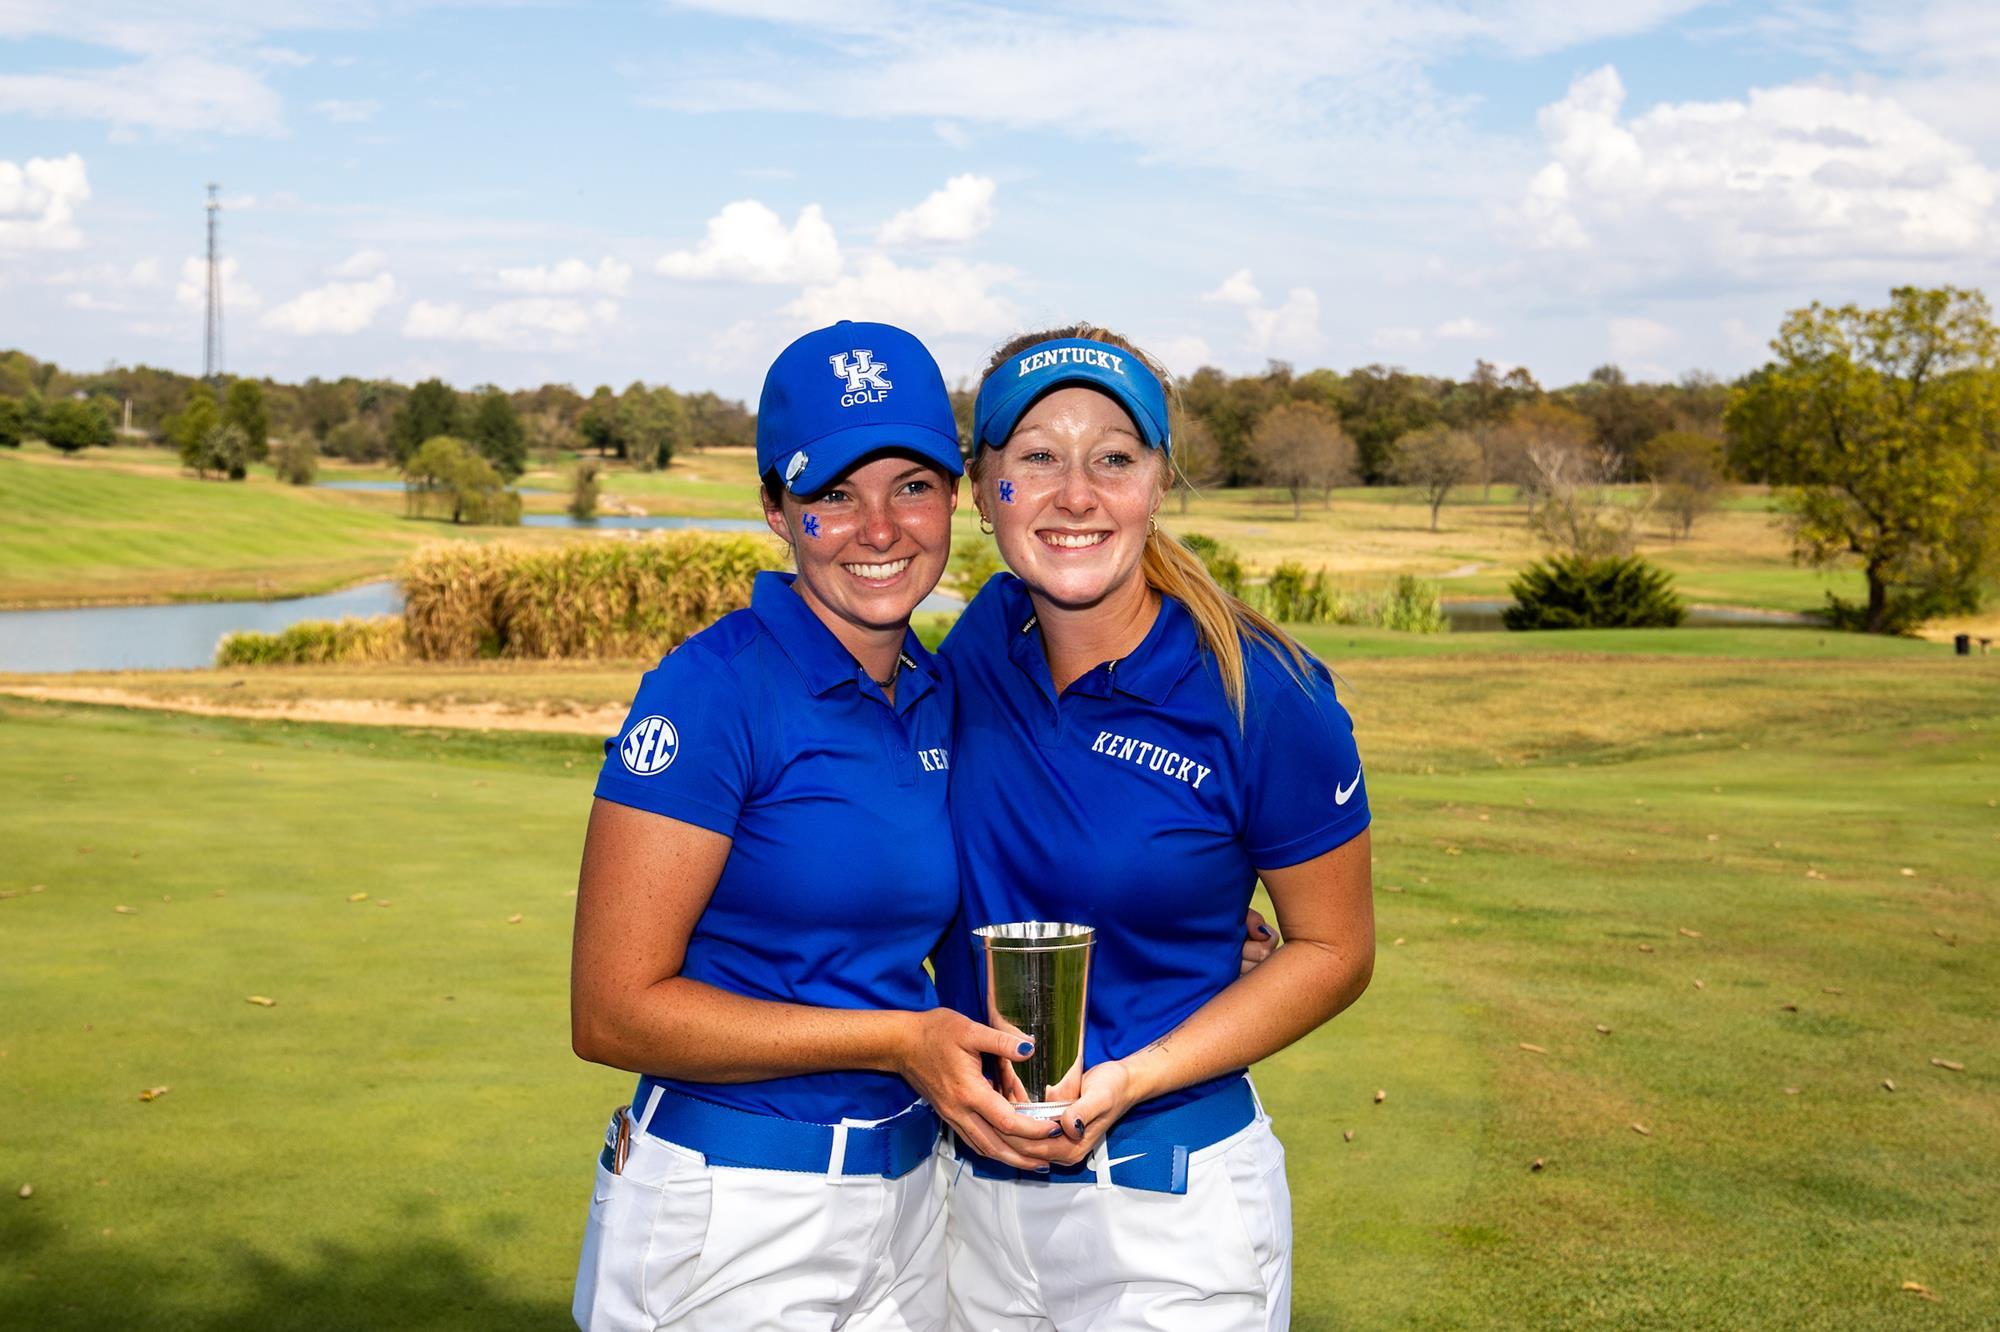 70 Best Women's Golf Shirts images | Golf shirts, Womens